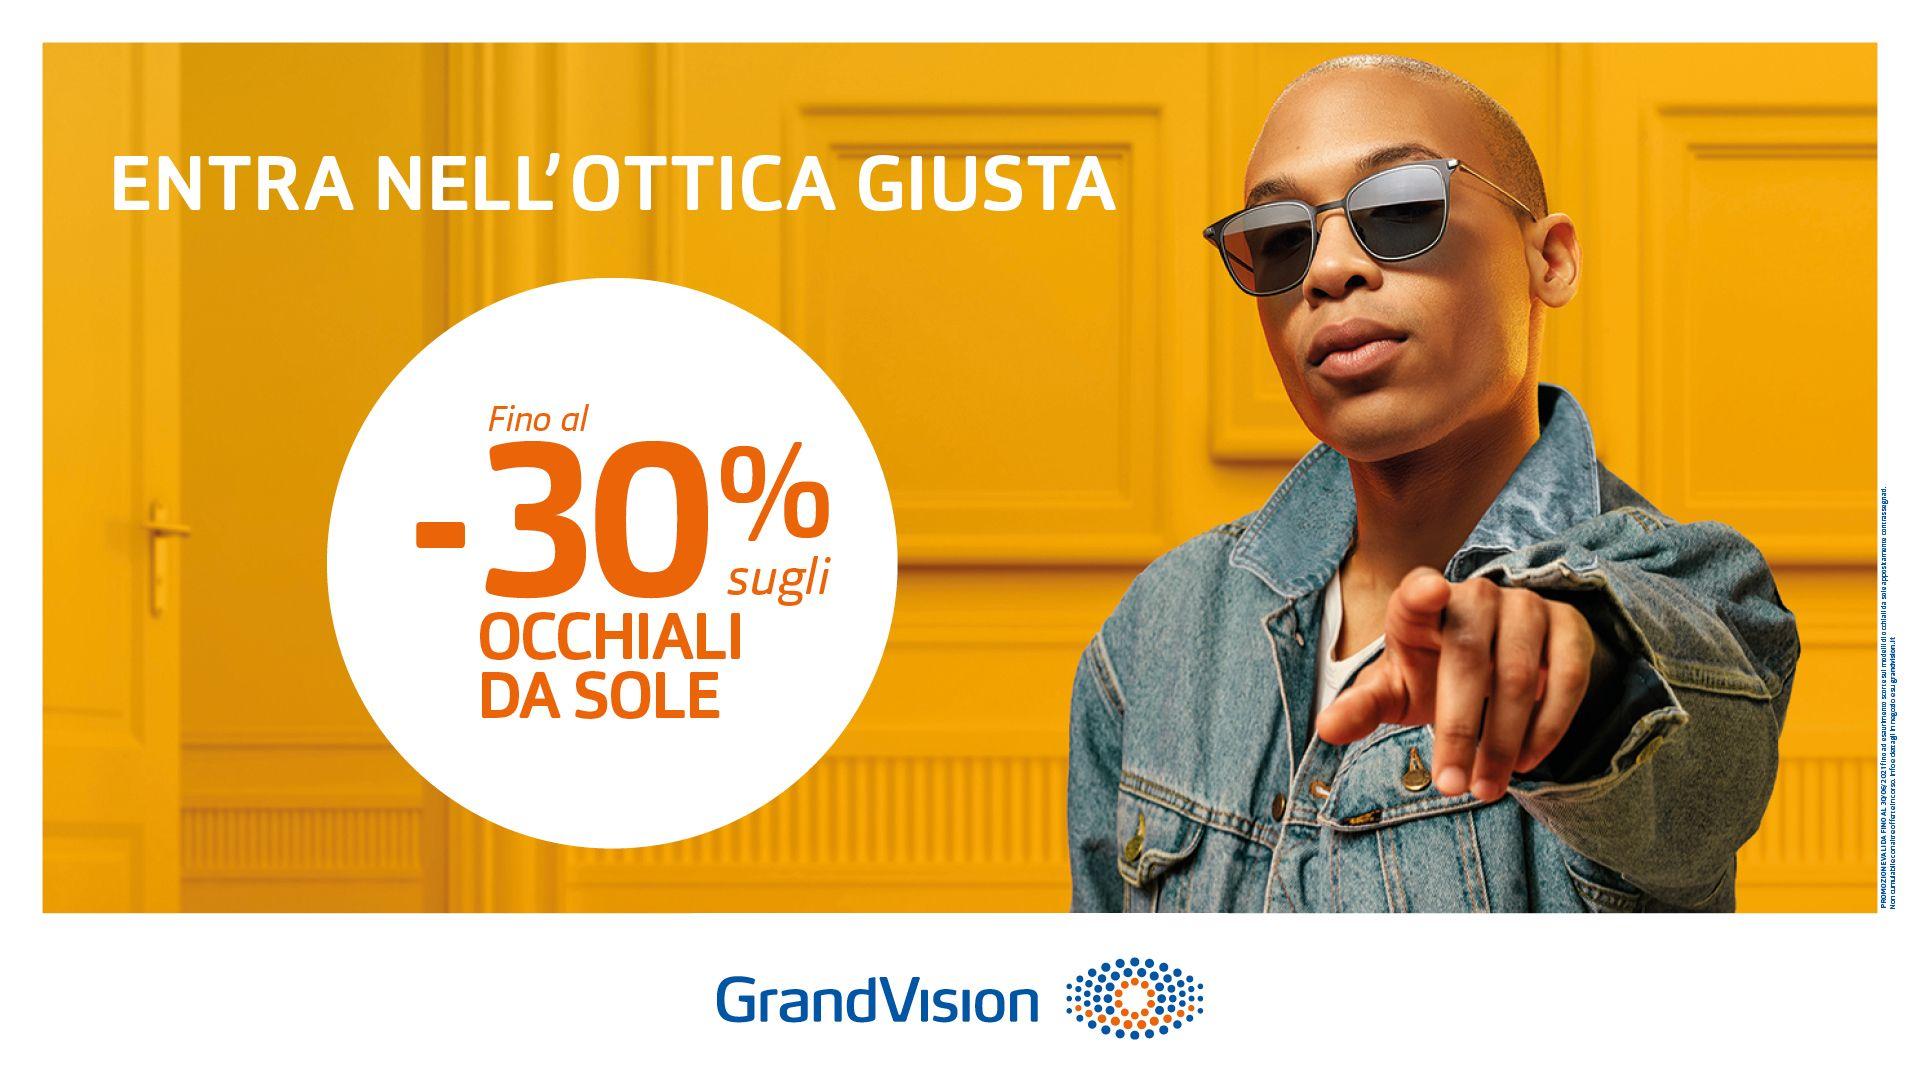 Fino al -30% di sconto sugli occhiali da sole